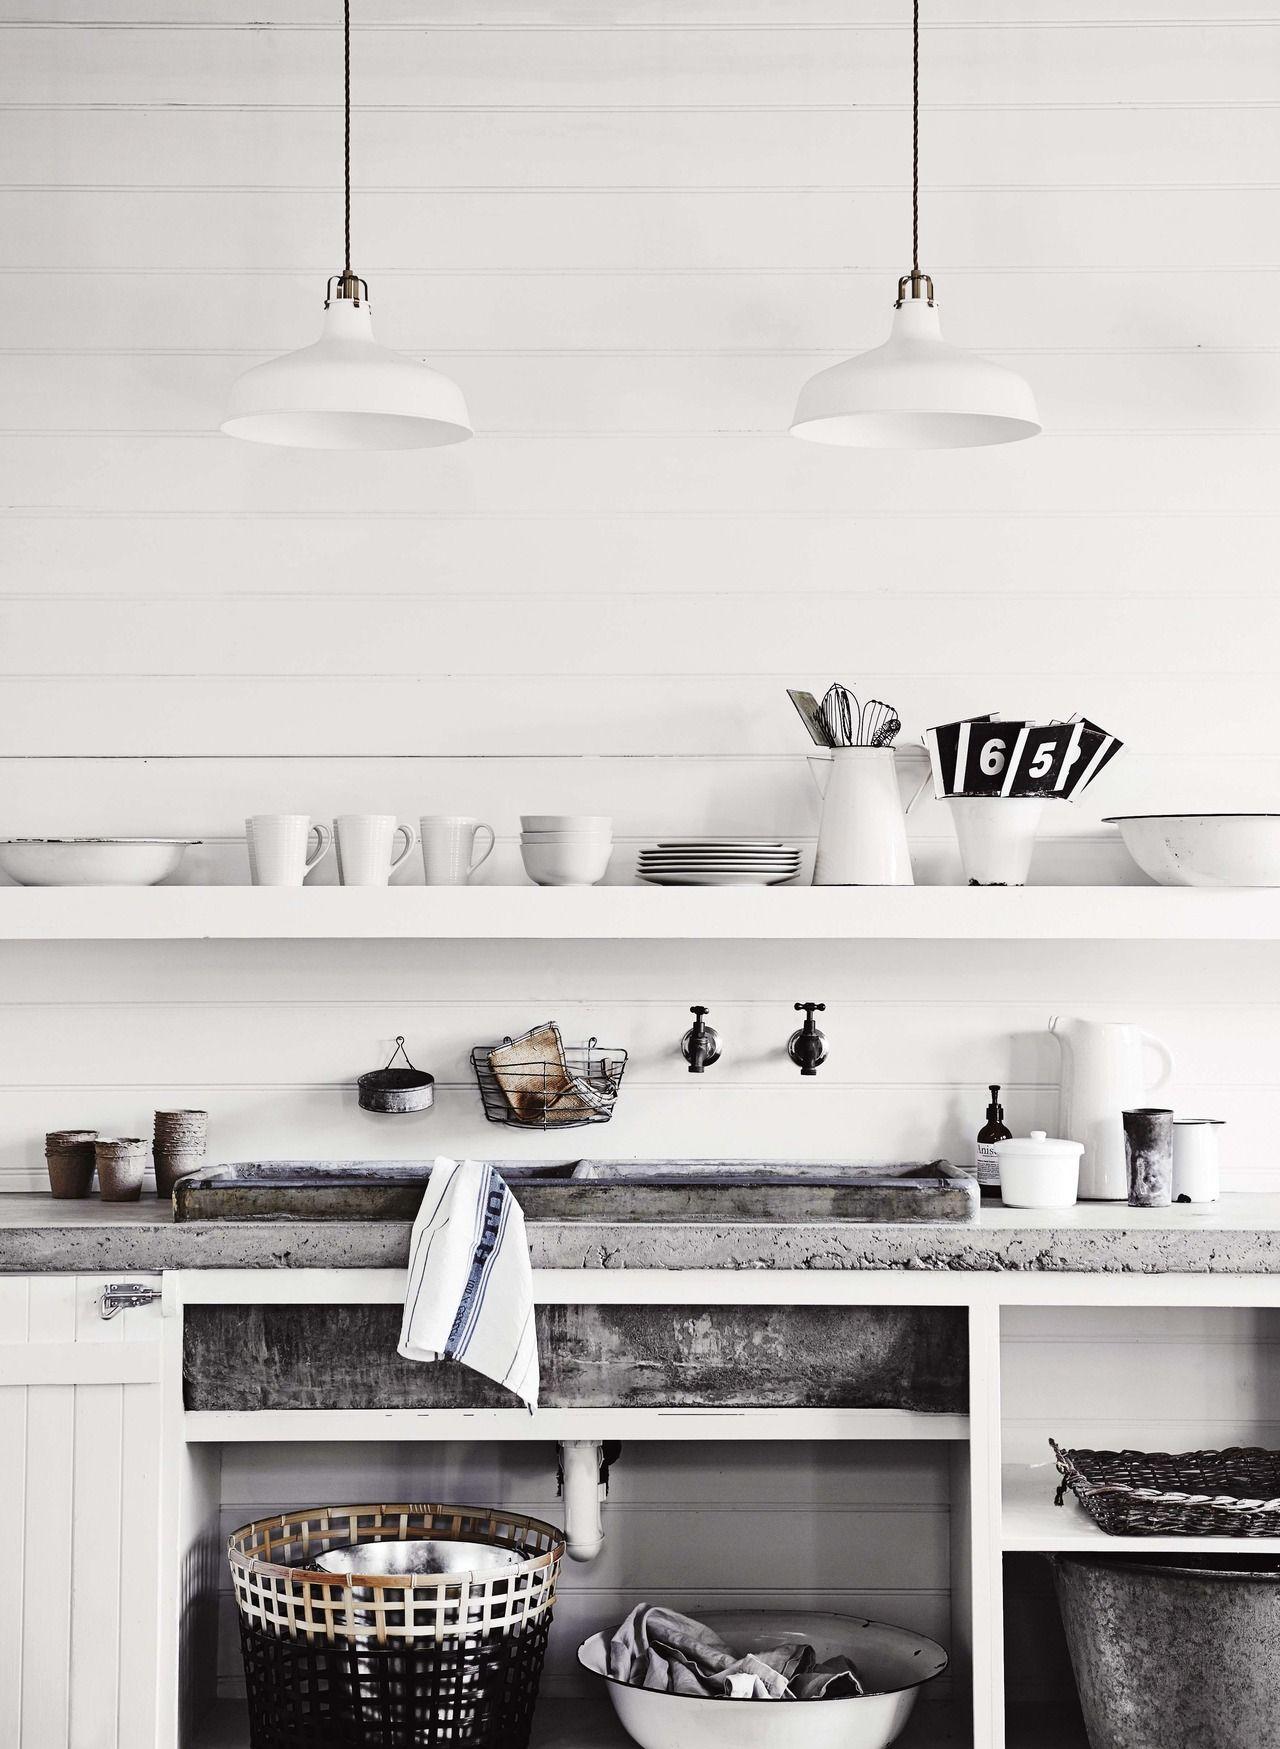 Una casa decorada con objetos de anticuario cocina cocinas interiores y cocinas r sticas - Vajilla rustica ...